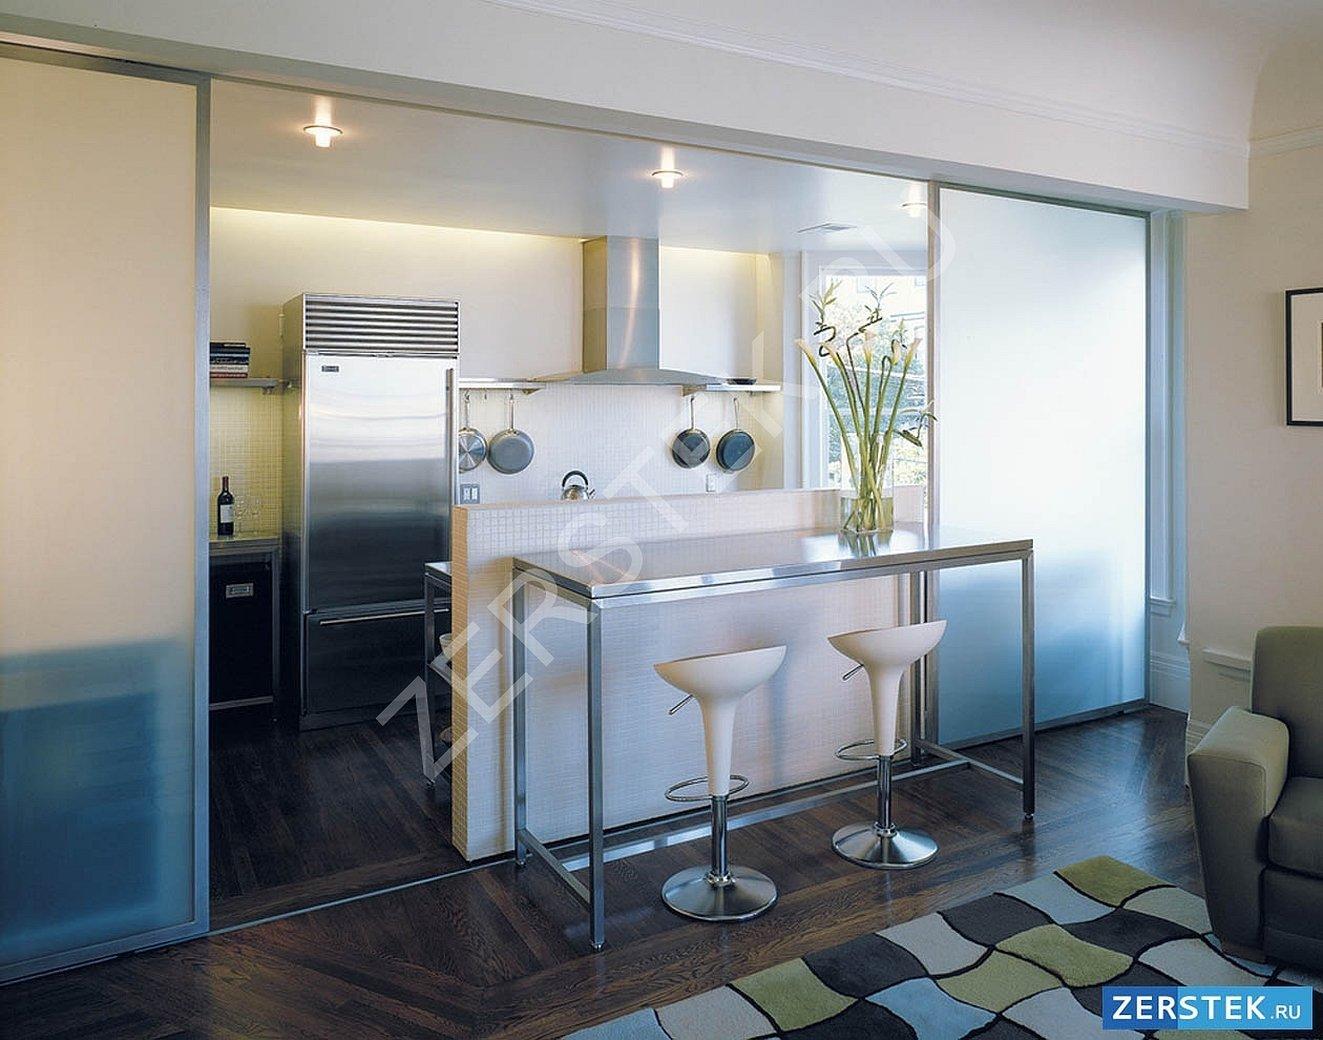 Перегородка из стекла между кухней и гостиной